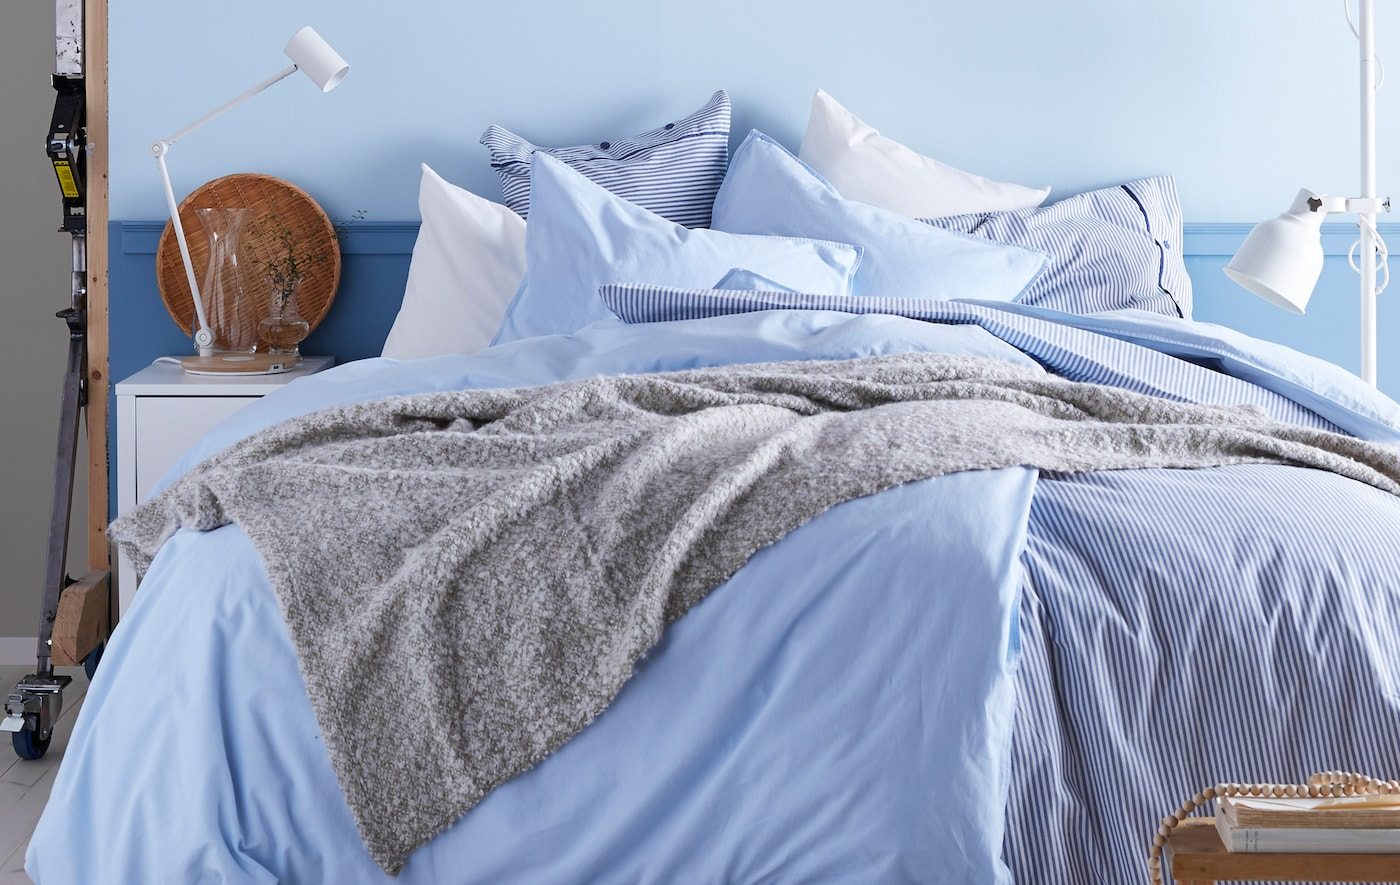 Chambre à coucher avec palette de couleurs en blanc et bleu, avec une profusion de couvertures et de coussins.